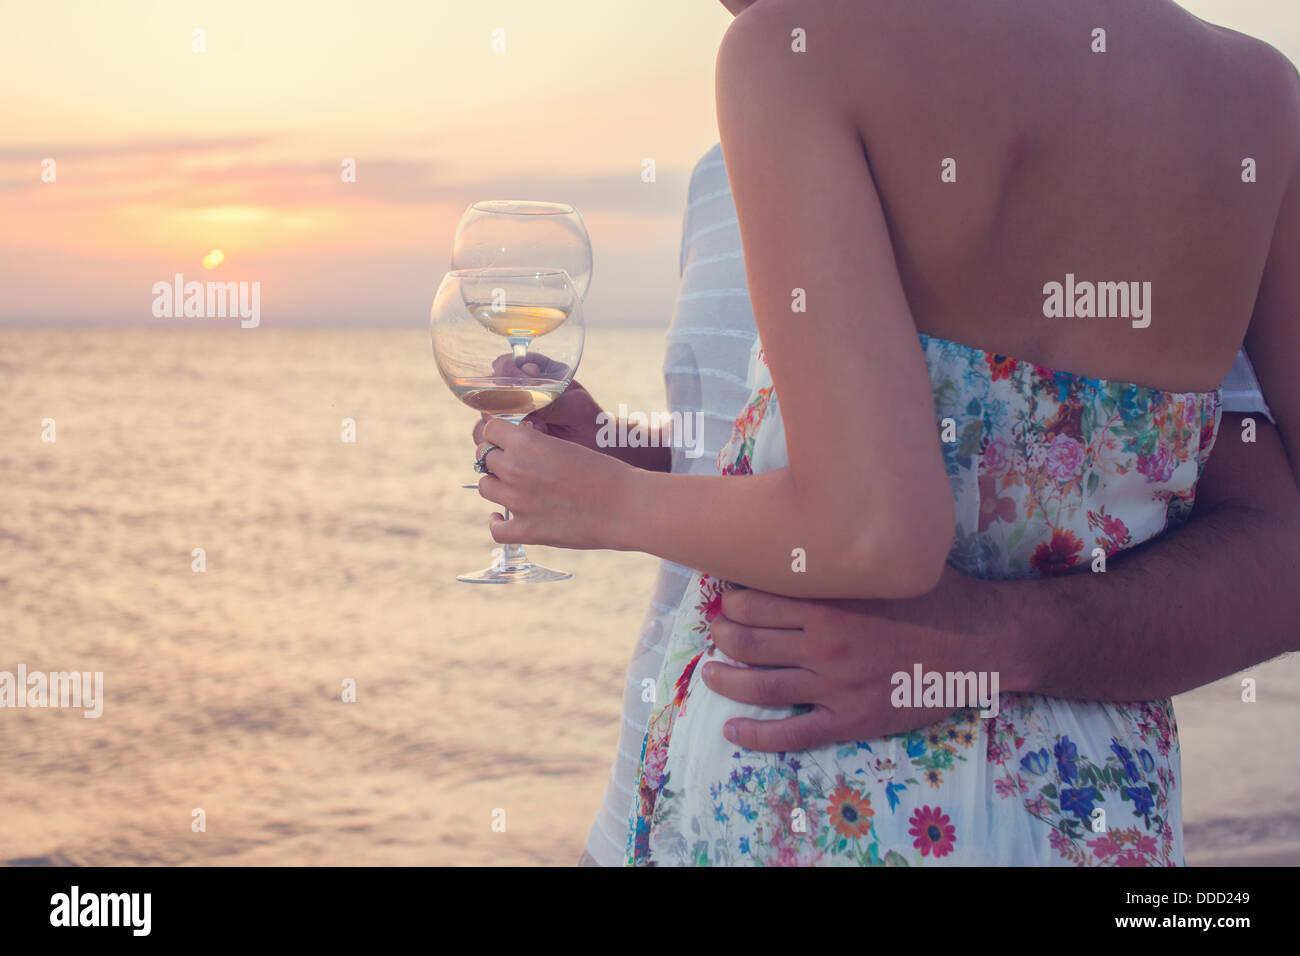 Libre de verres de vin blanc pendant le coucher du soleil sur la plage. Couple on pique-nique. Photo Stock